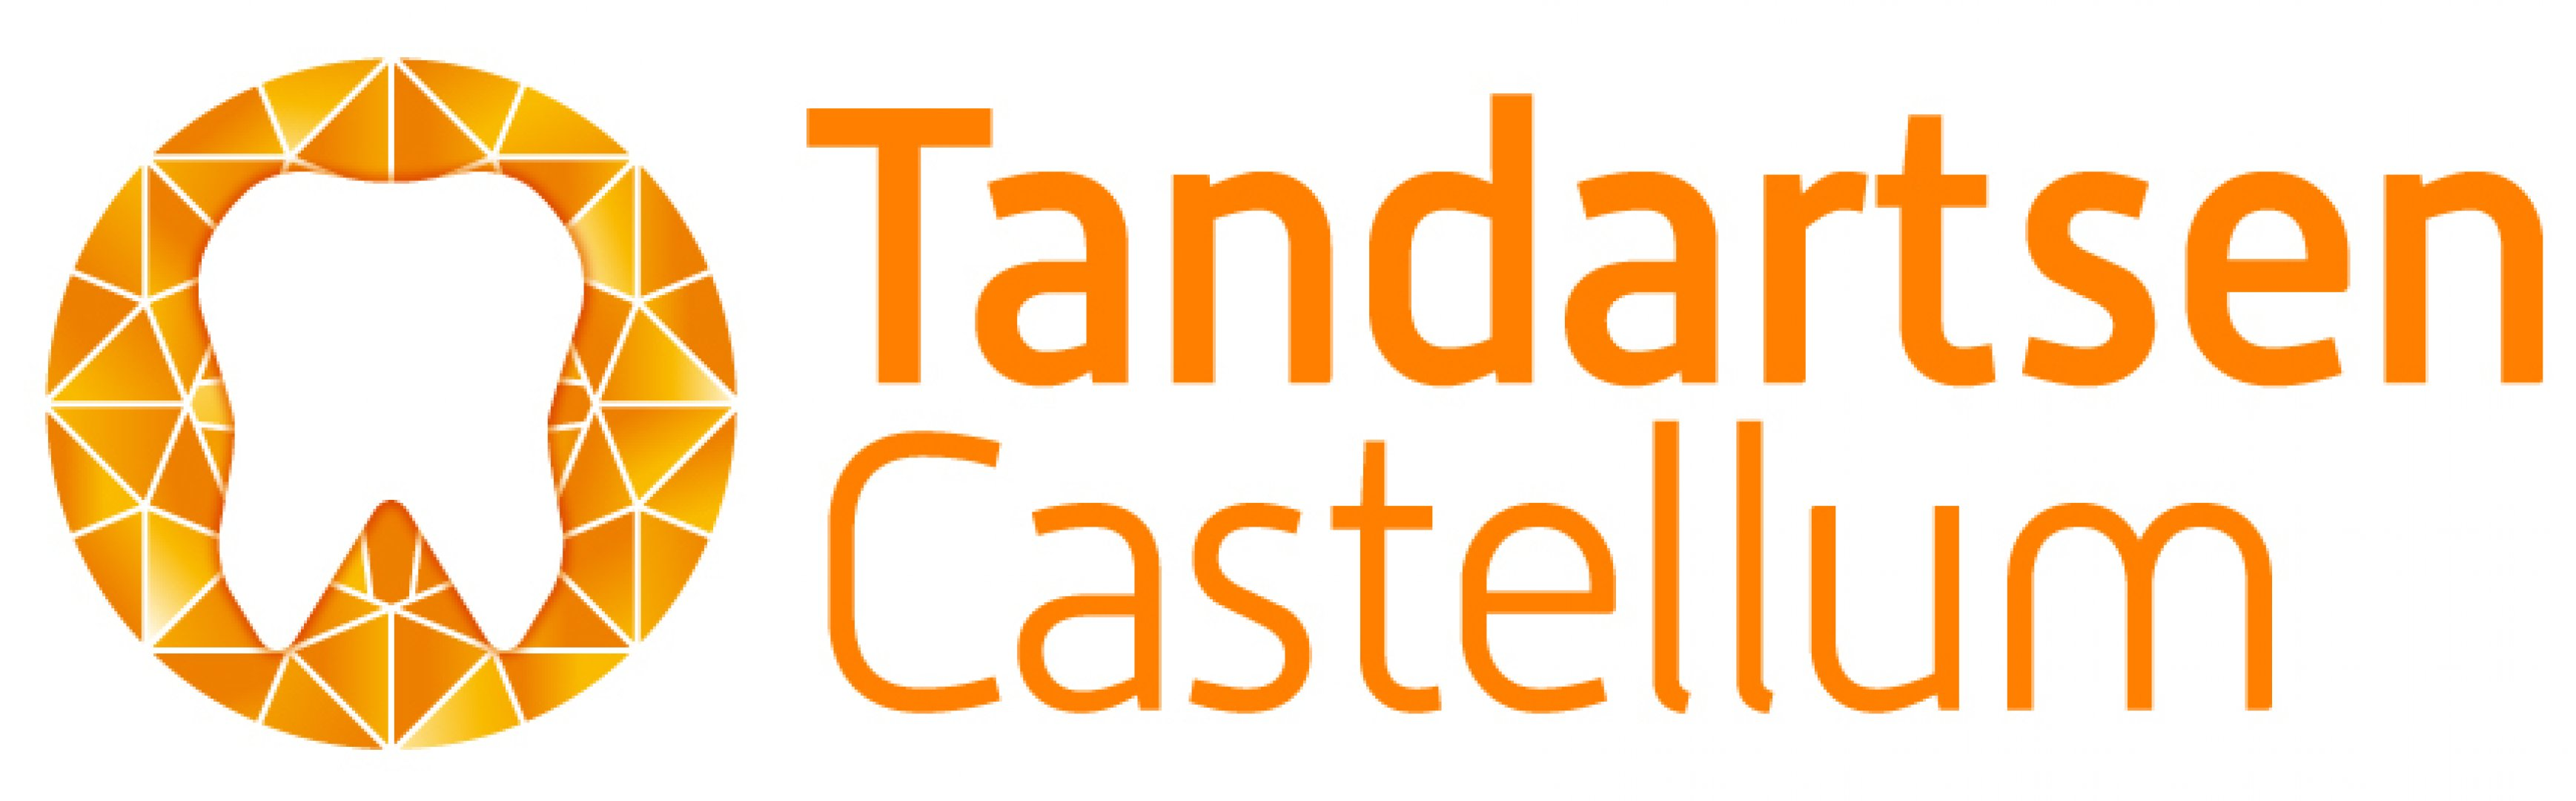 Tandartsen Castellum